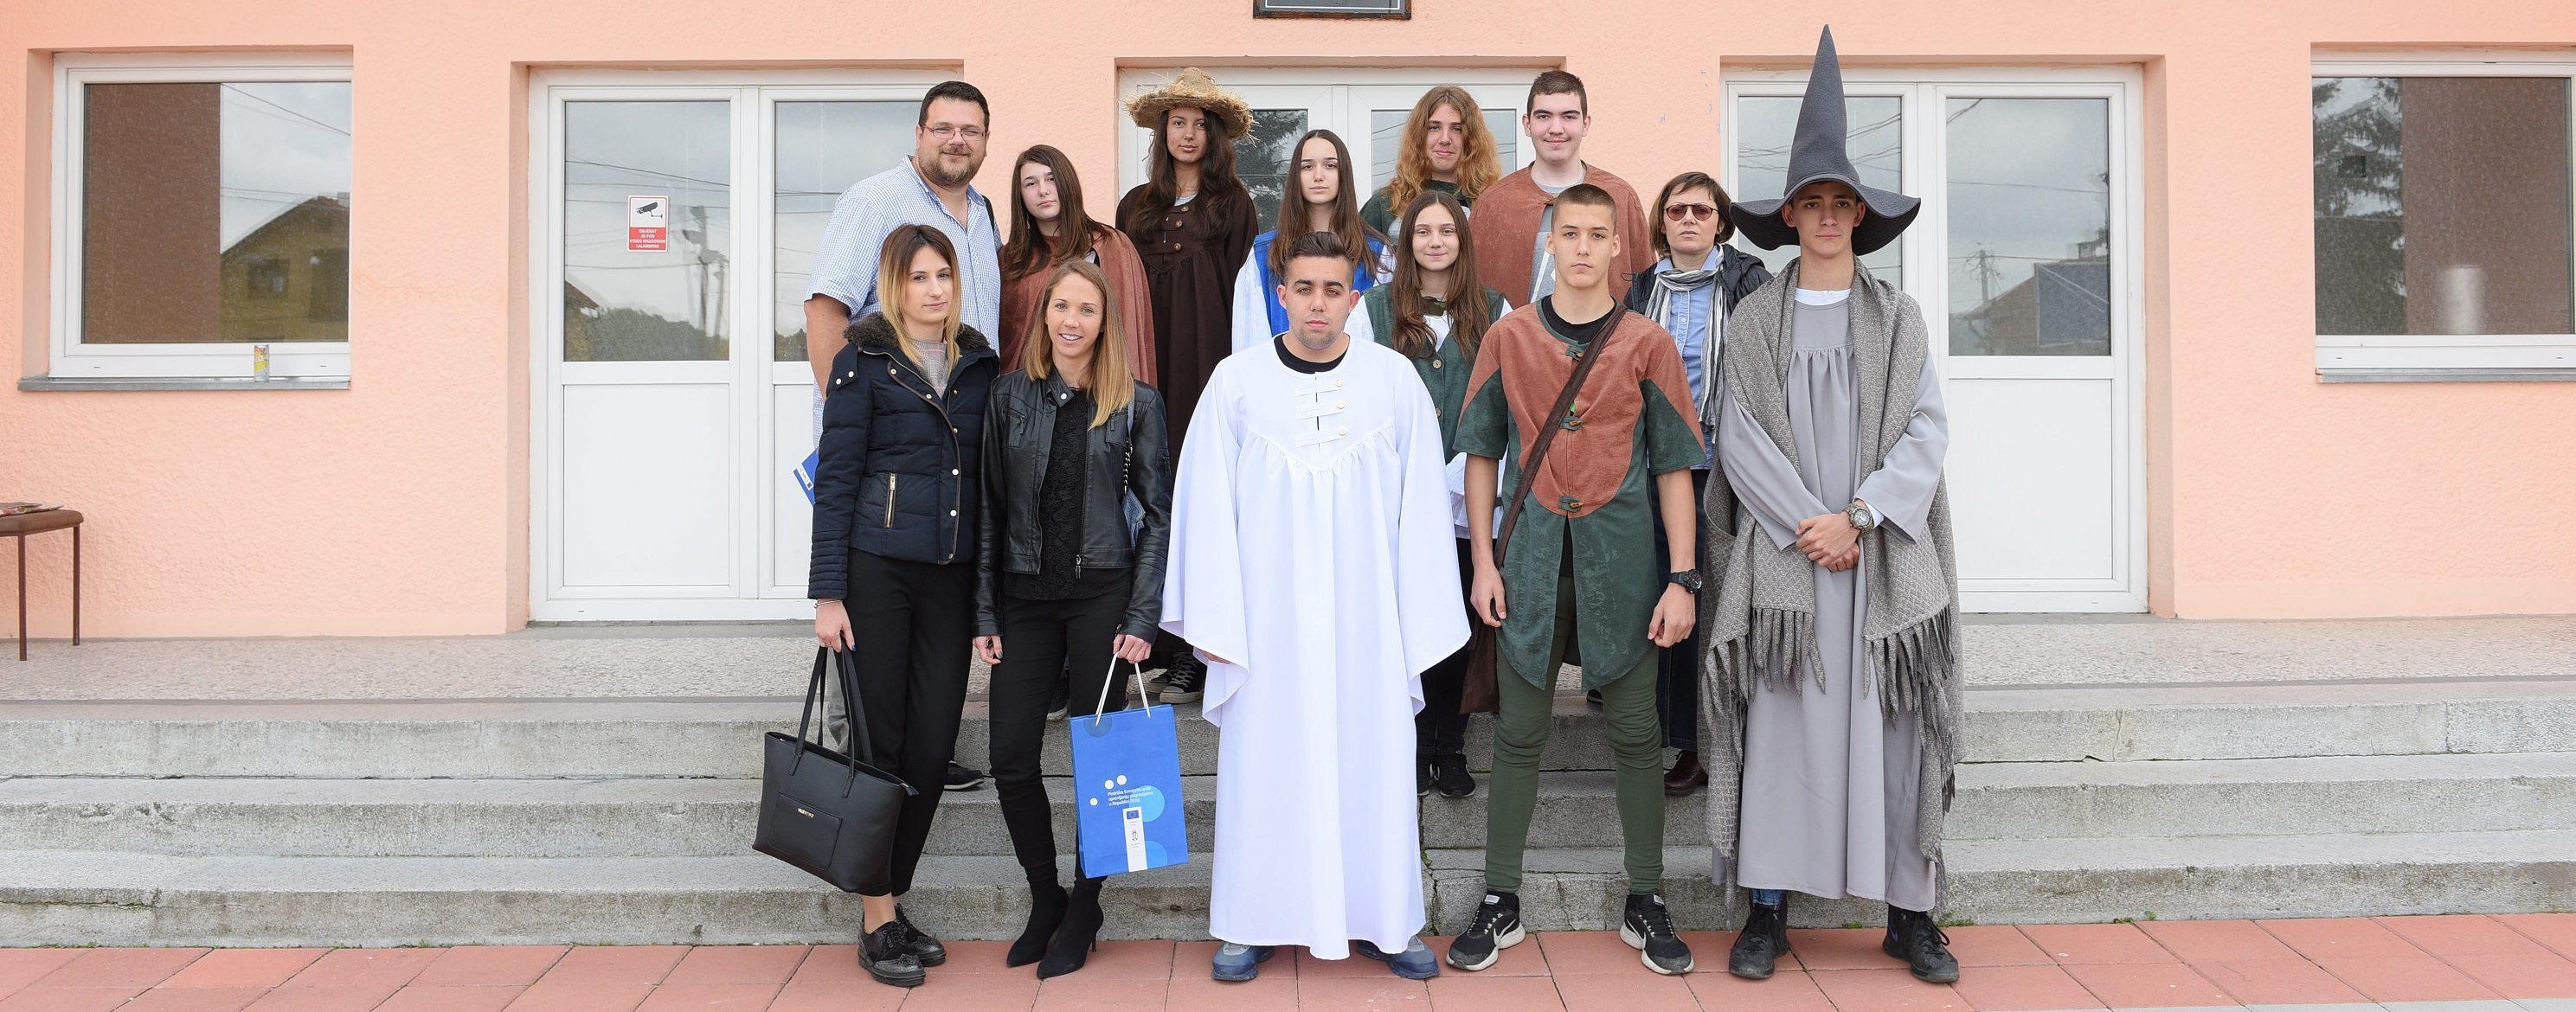 """School Day of the Primary School """"Vera Blagojevic"""" marked in Banja Koviljaca"""